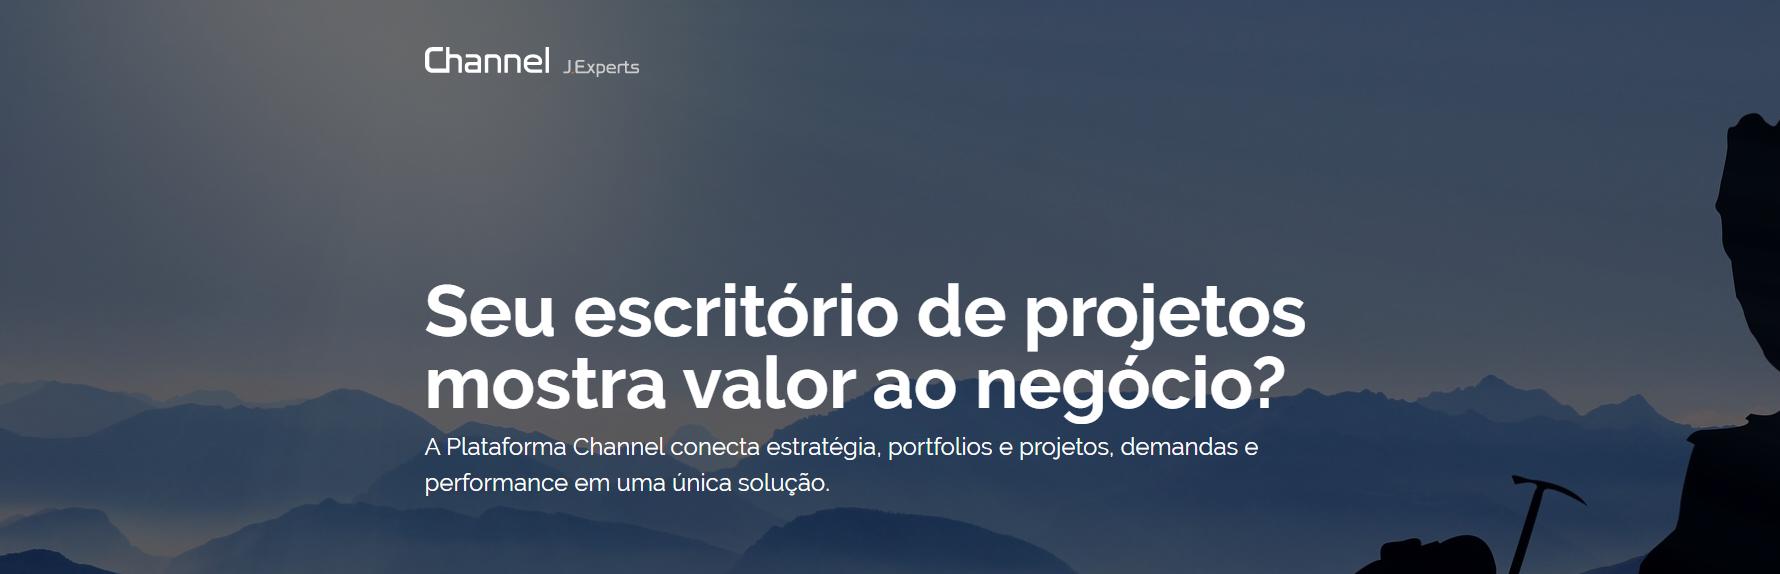 Avaliação JExperts PPM: Plataforma Channel - Estrategia, portfolios e projetos - Appvizer